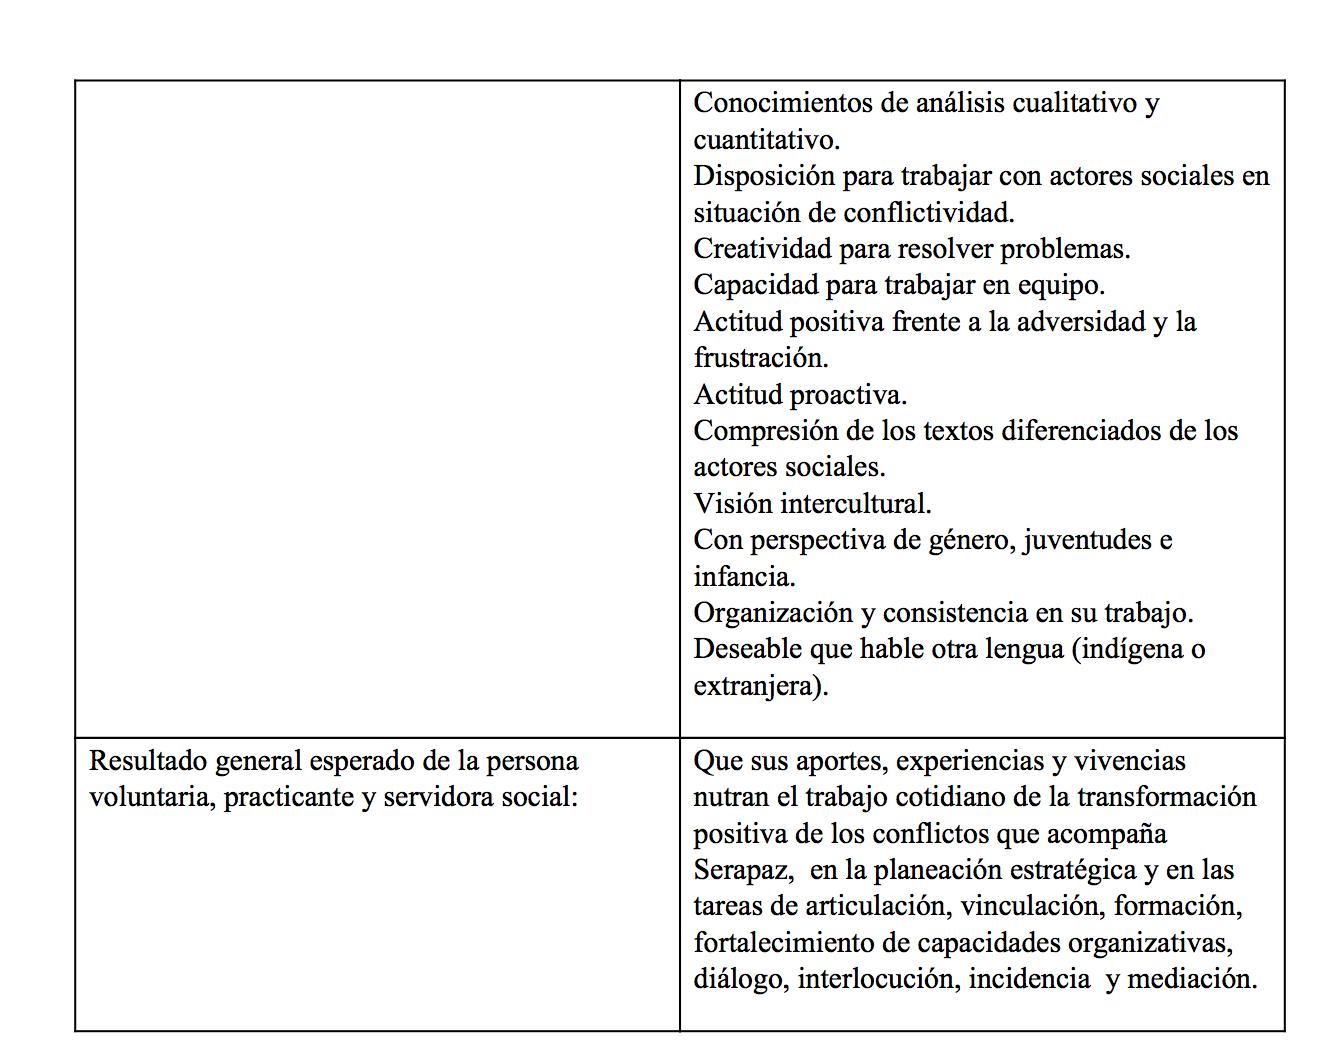 TRANSFORTMACIÓN POSITIVA DE CONFLICTOS_2